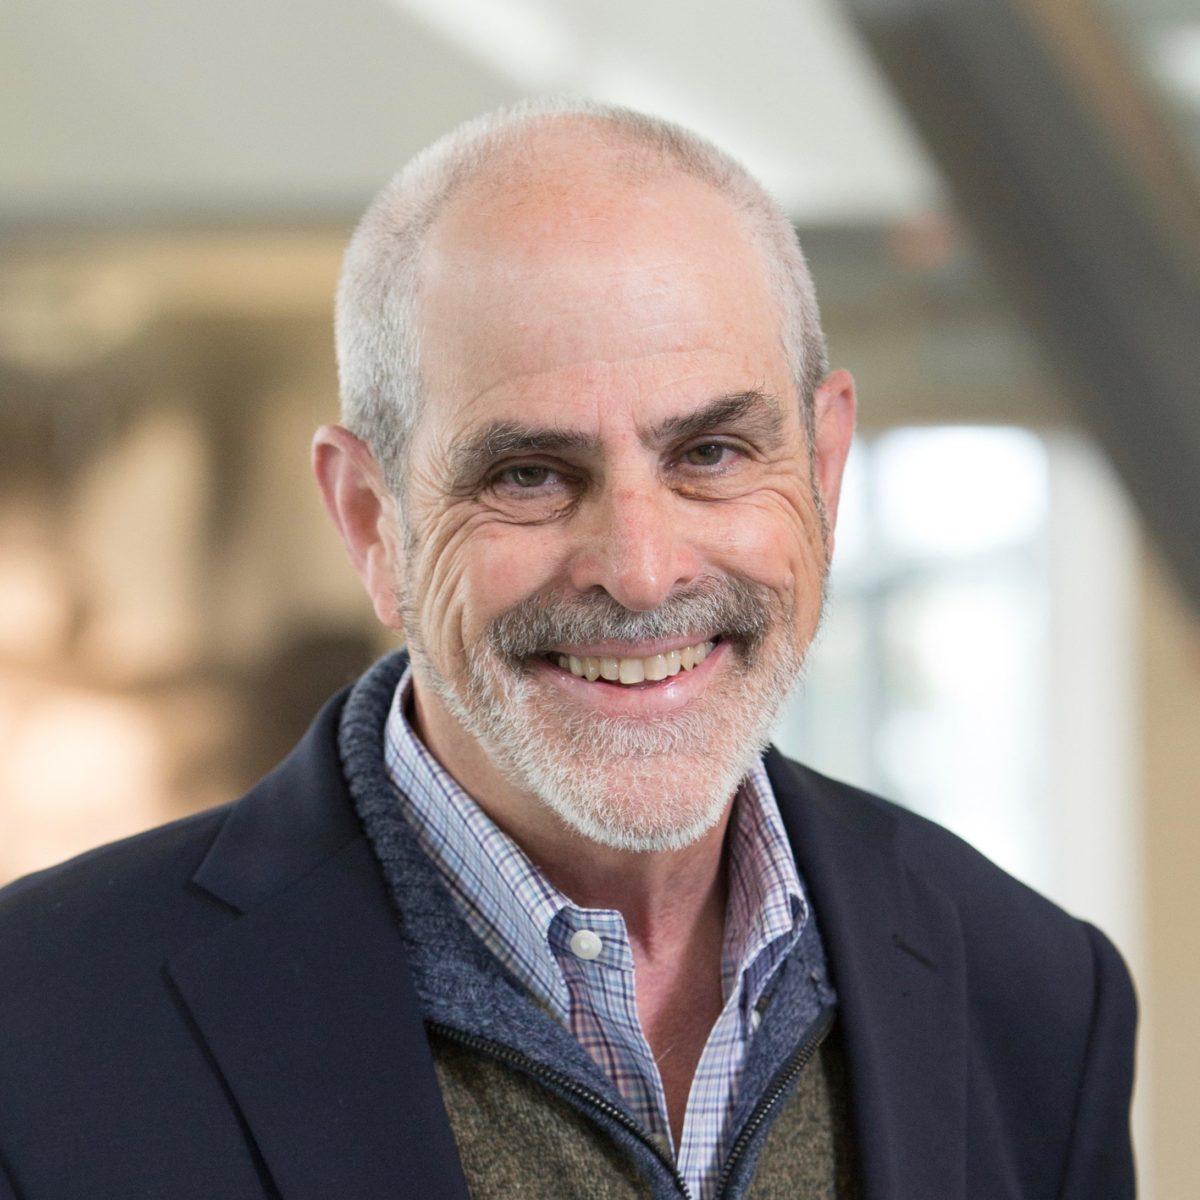 Dr. Richard Frankel